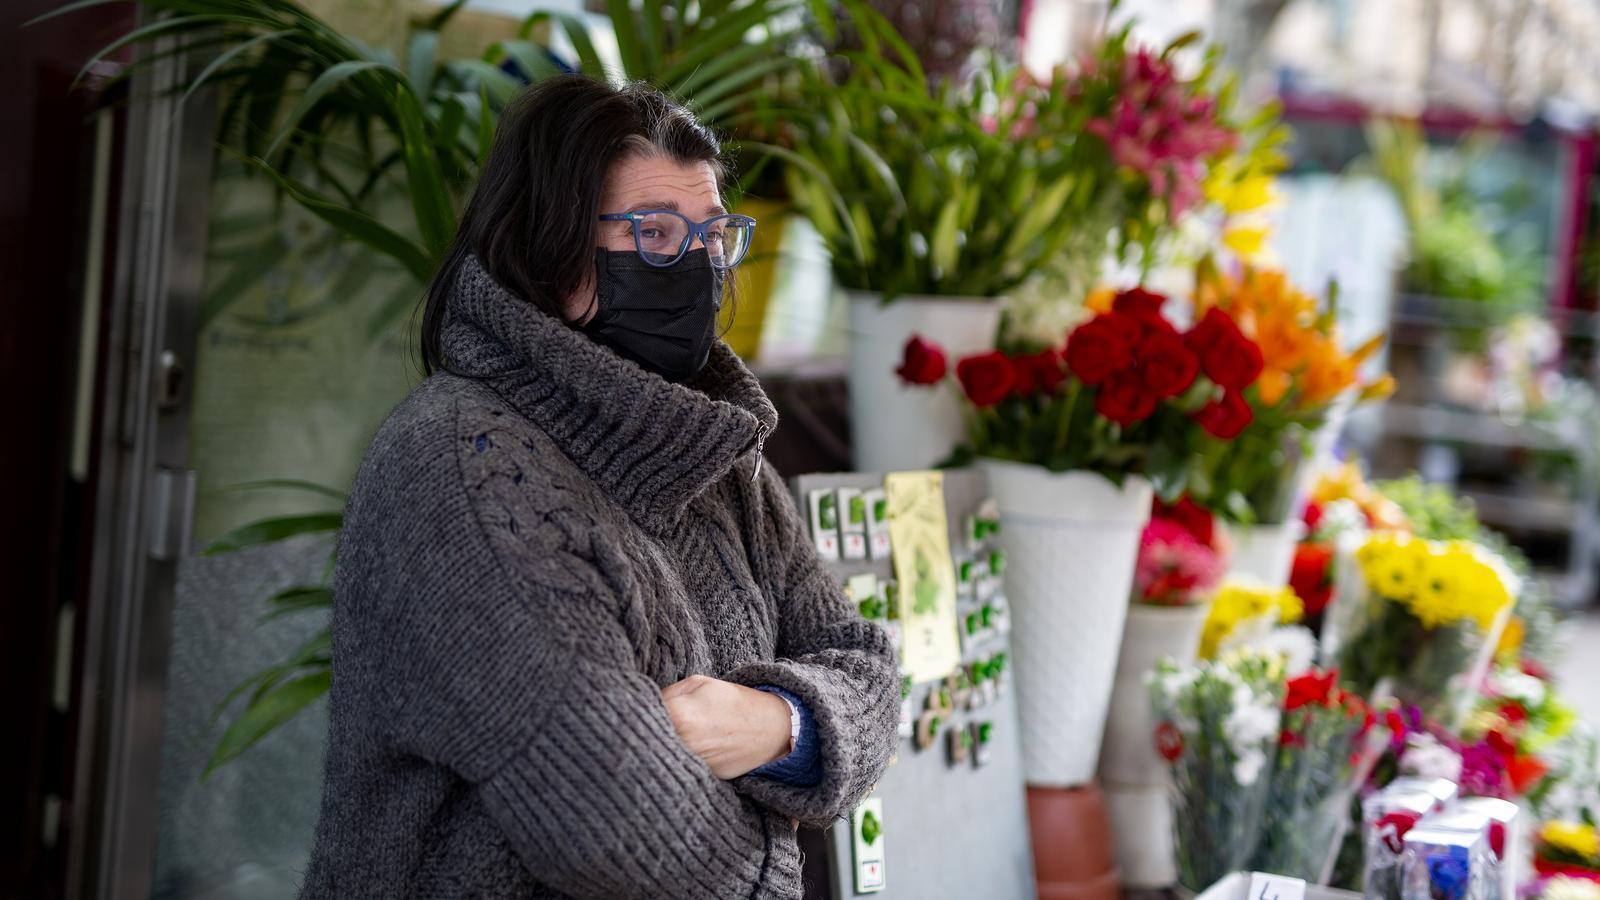 La Raquel a la seva parada de flors, a la Rambla